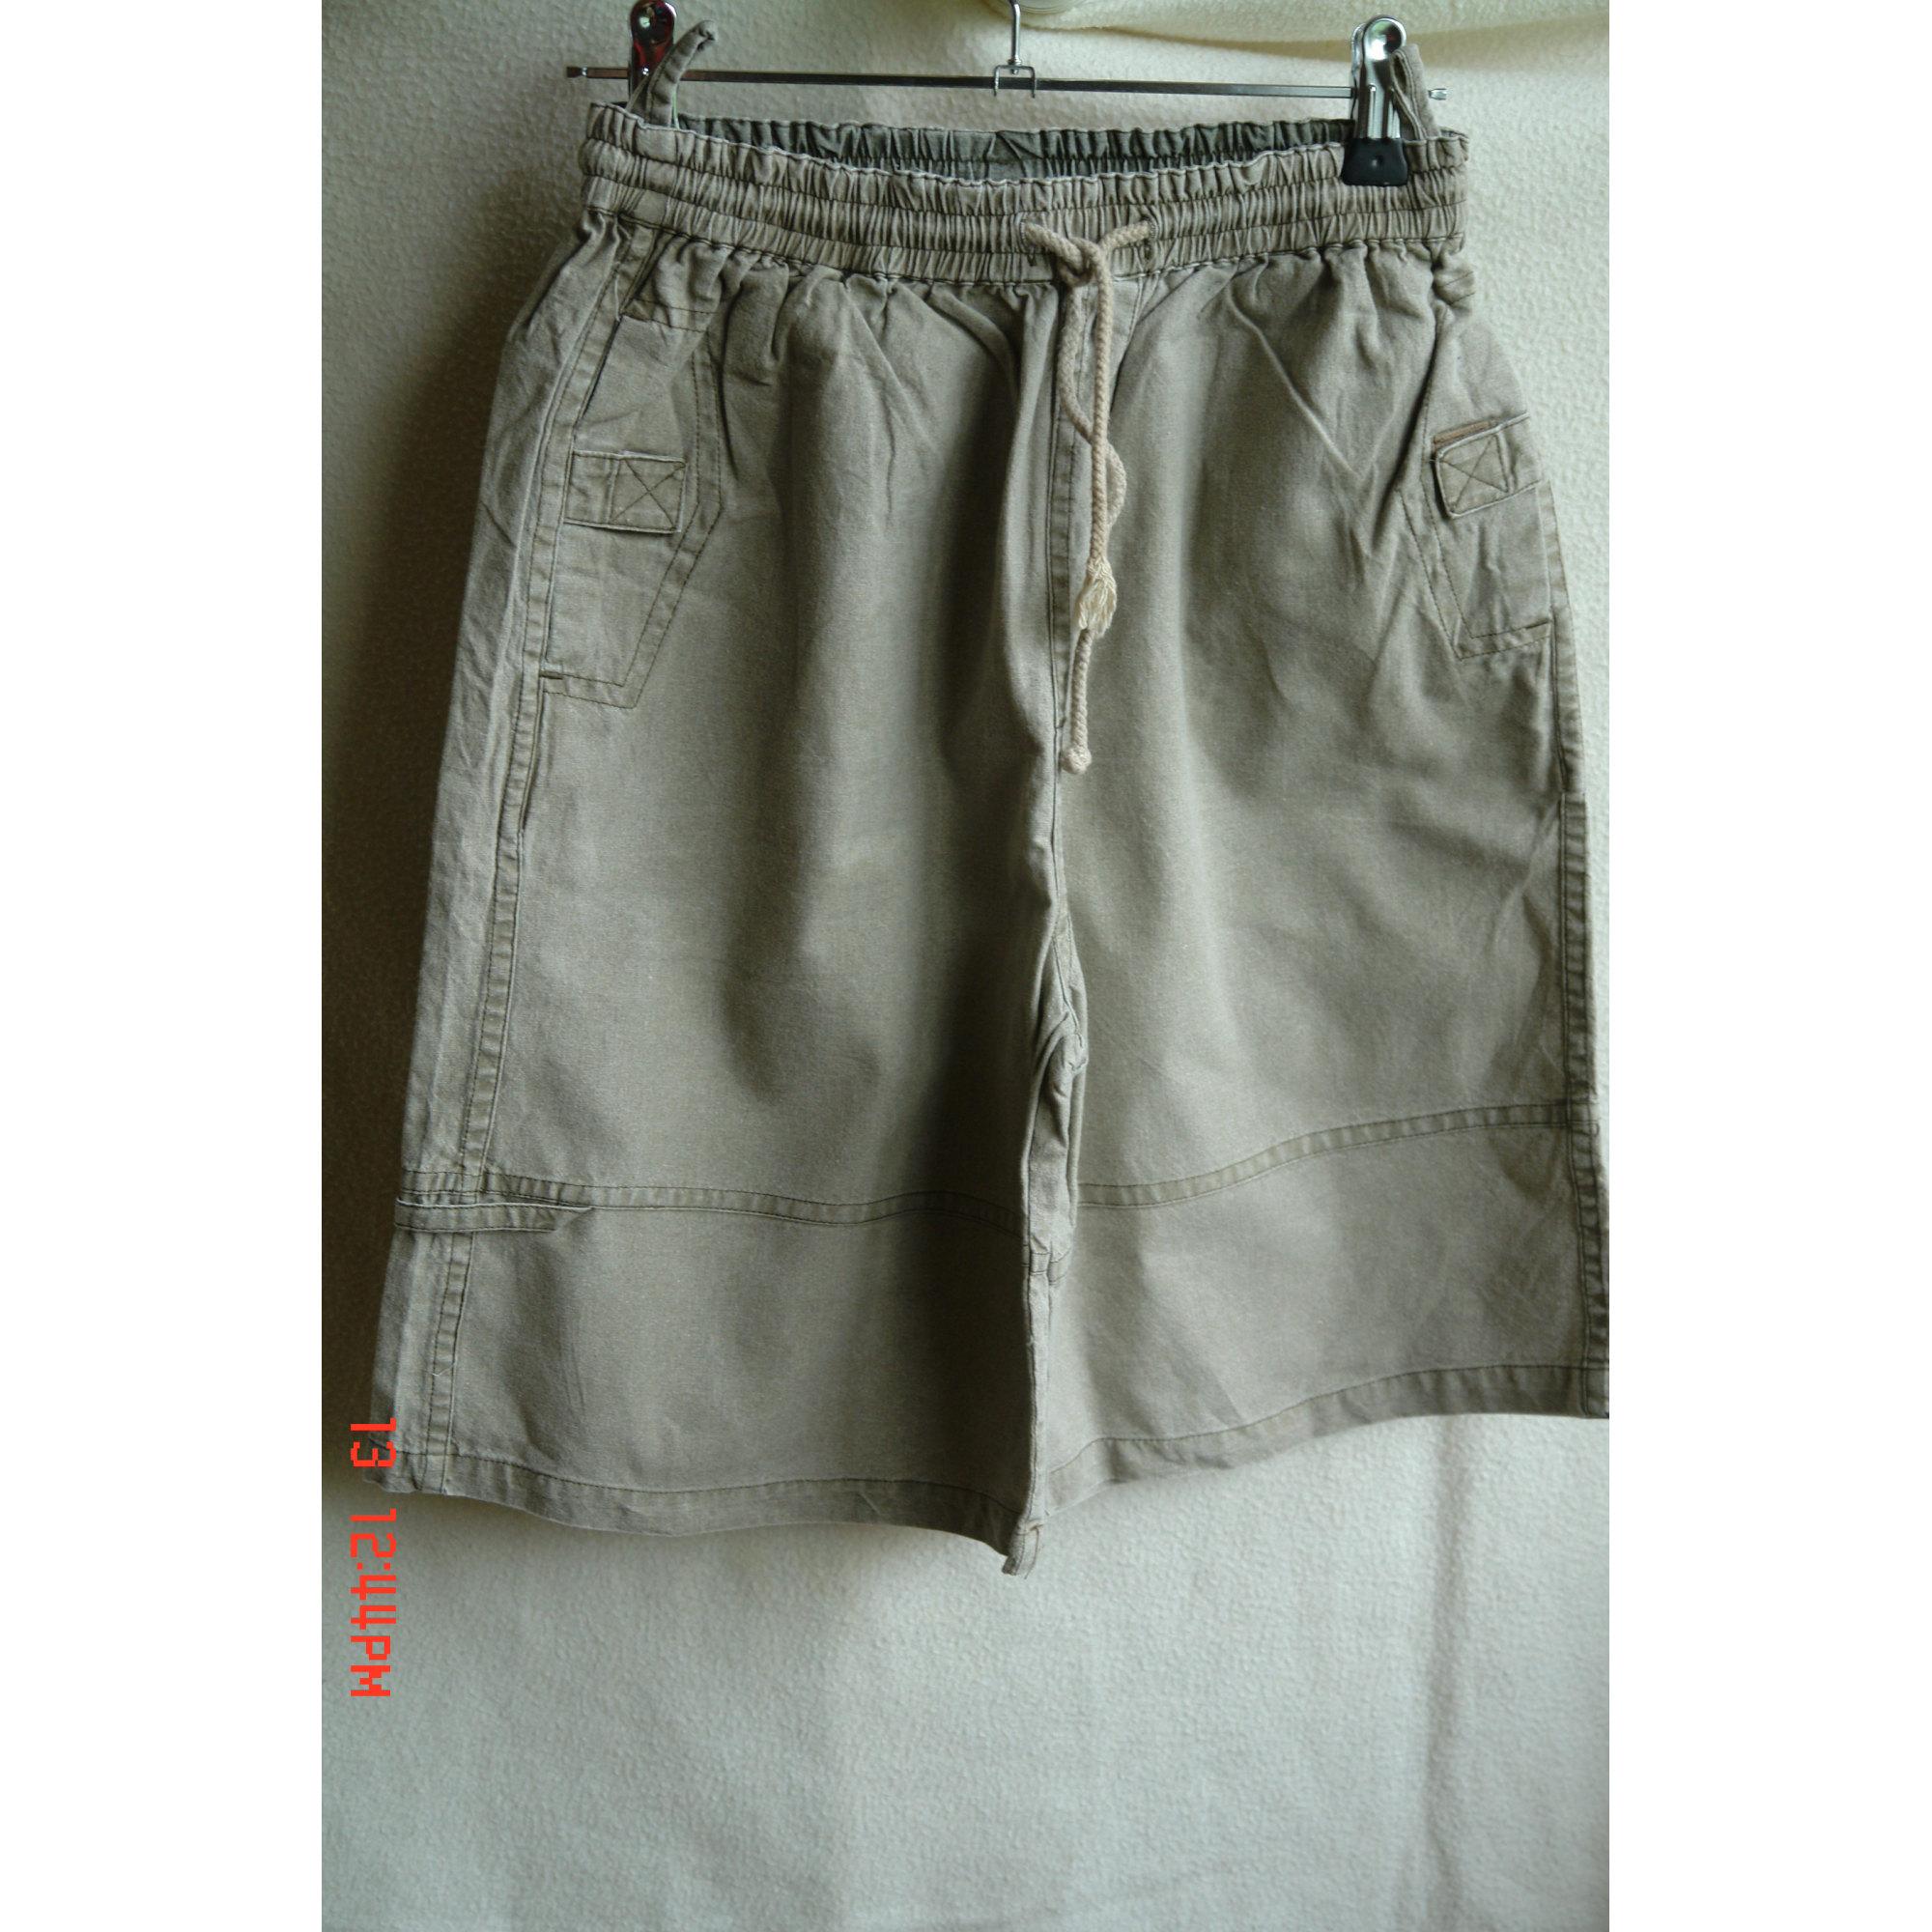 Bermuda Shorts ETIREL Green